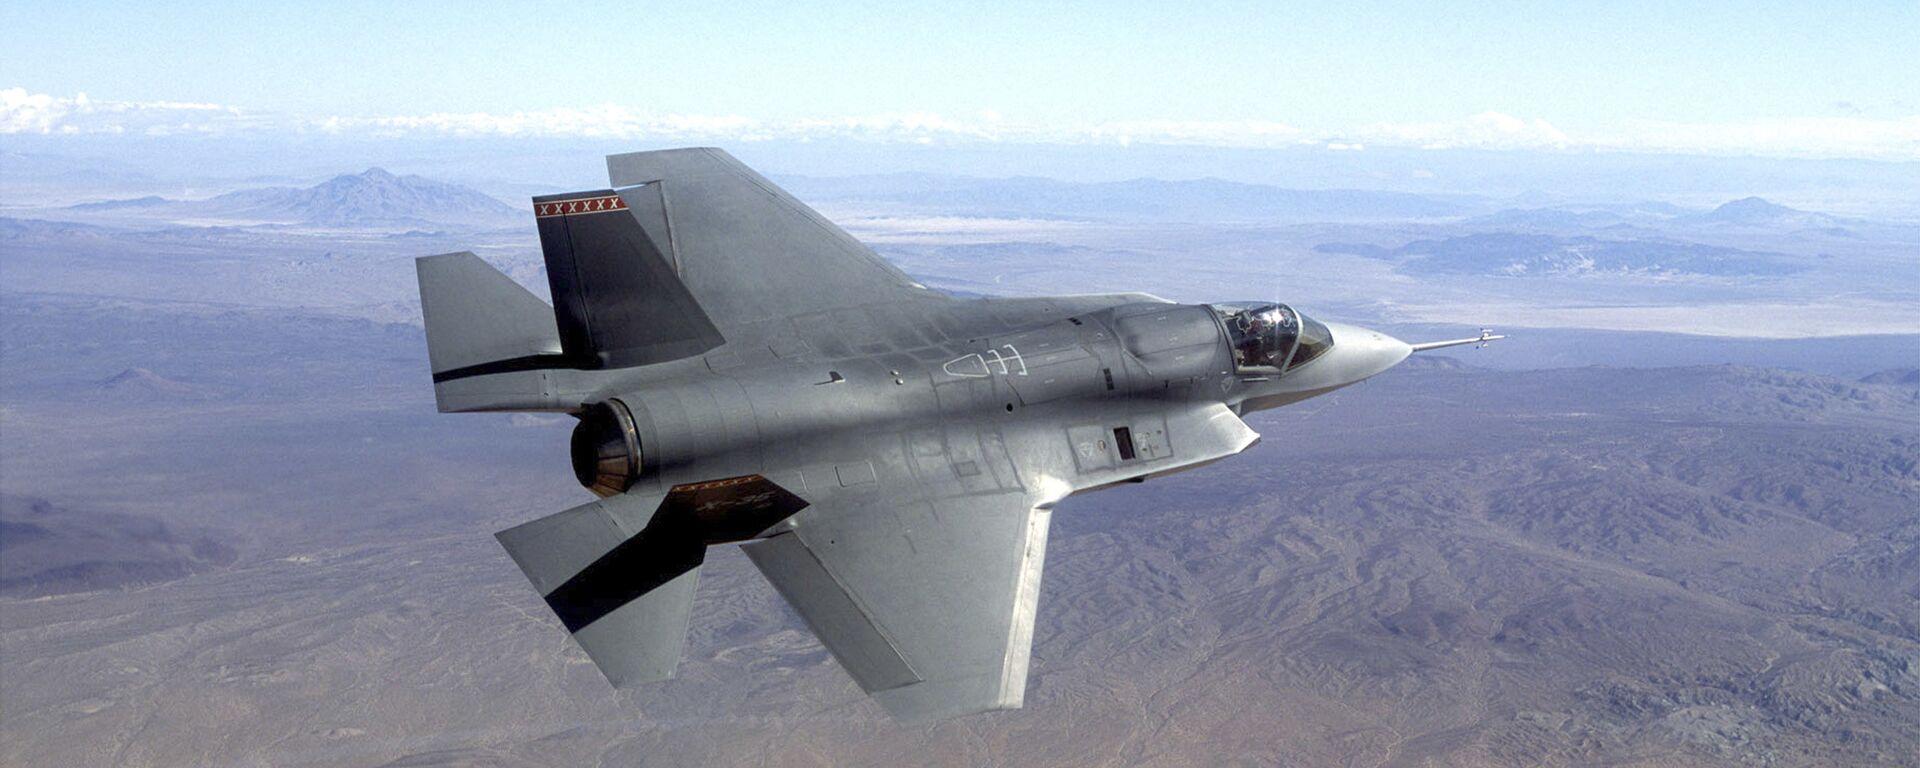 Истребитель F-35 - Sputnik Тоҷикистон, 1920, 30.09.2021